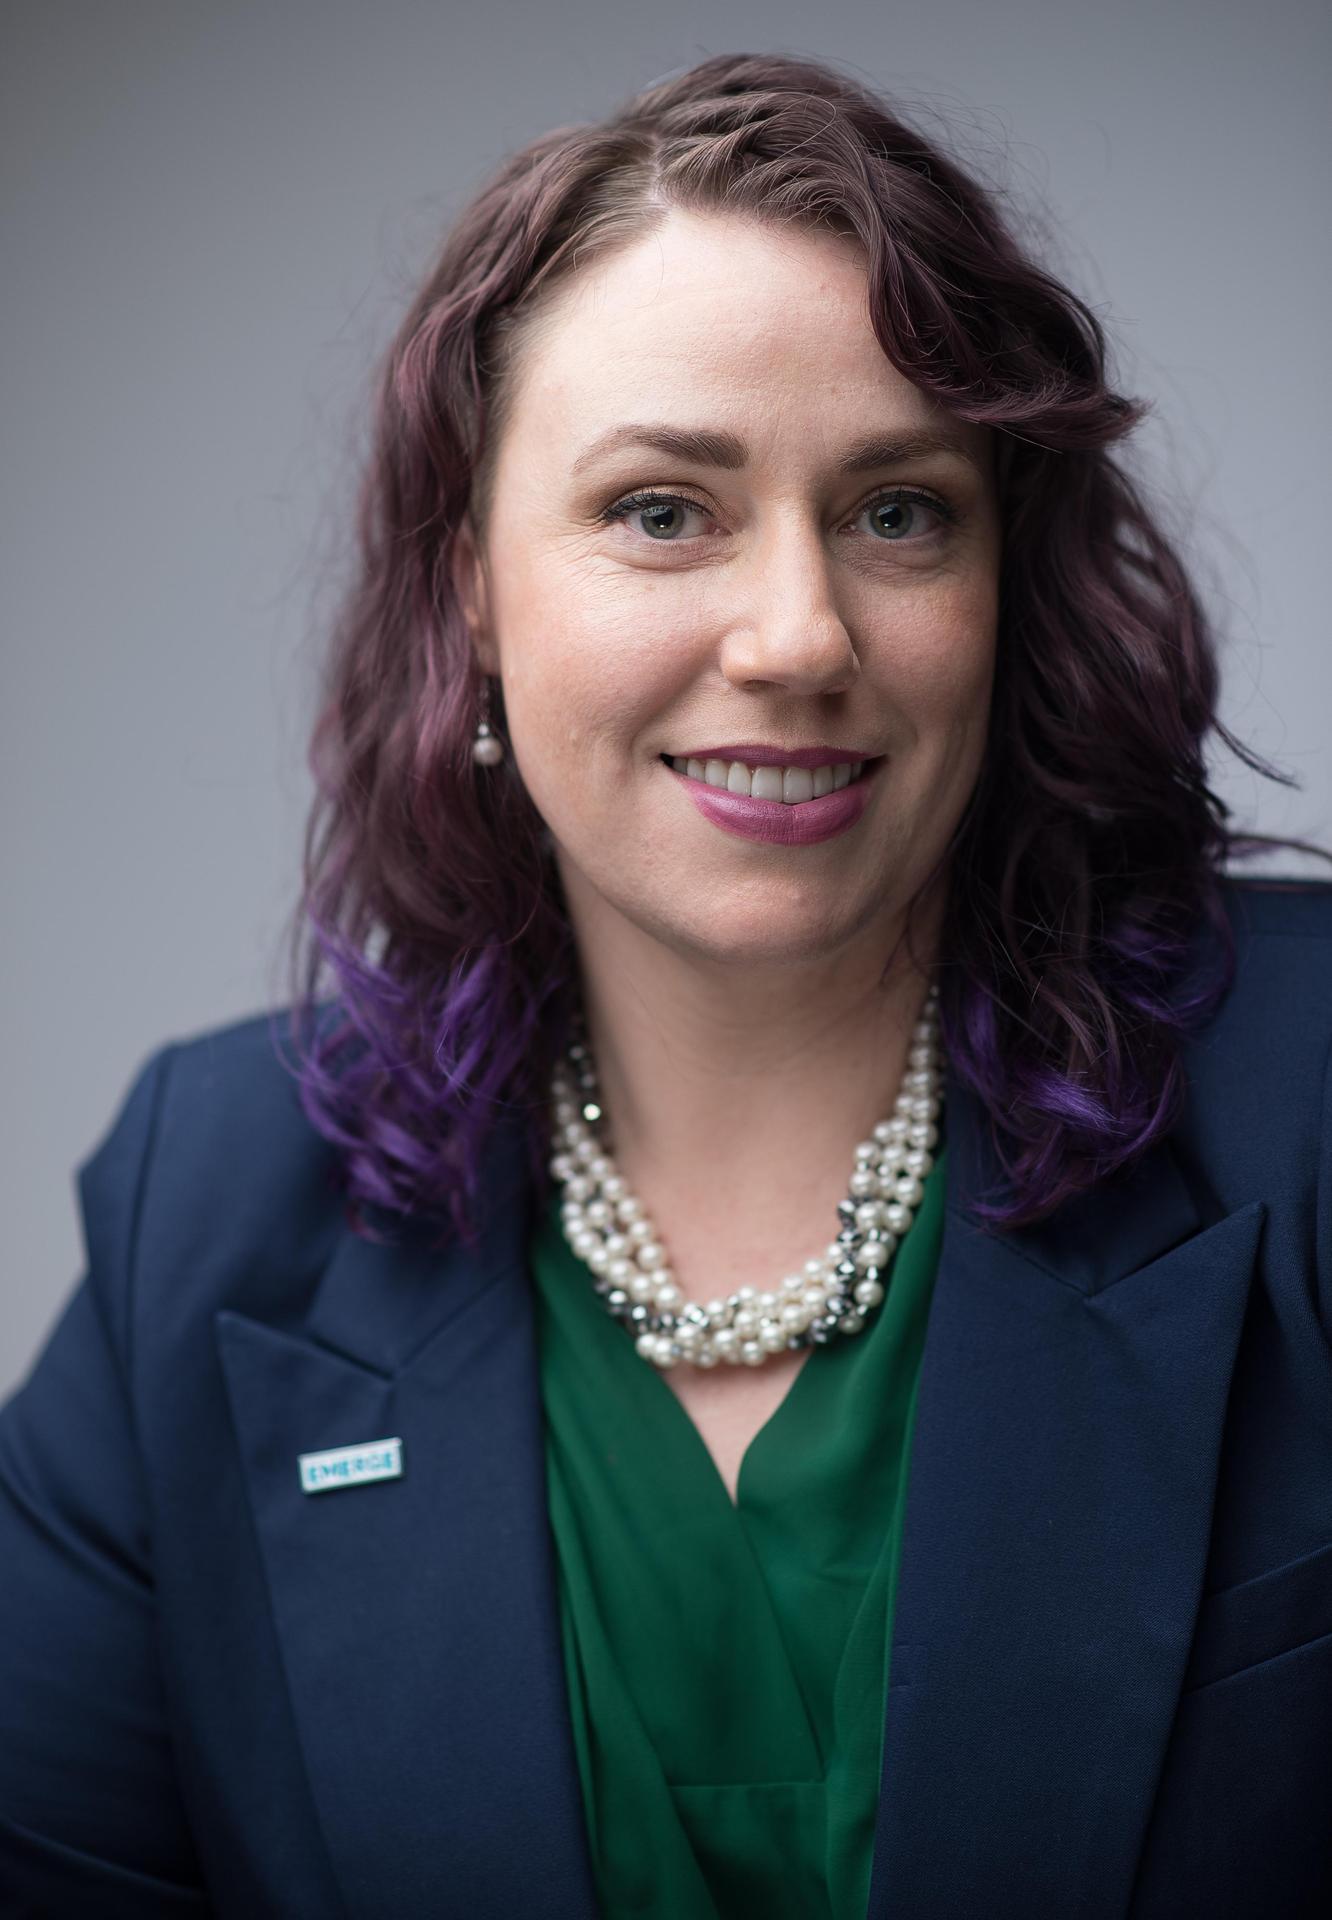 Melissa Shuen-Mallory